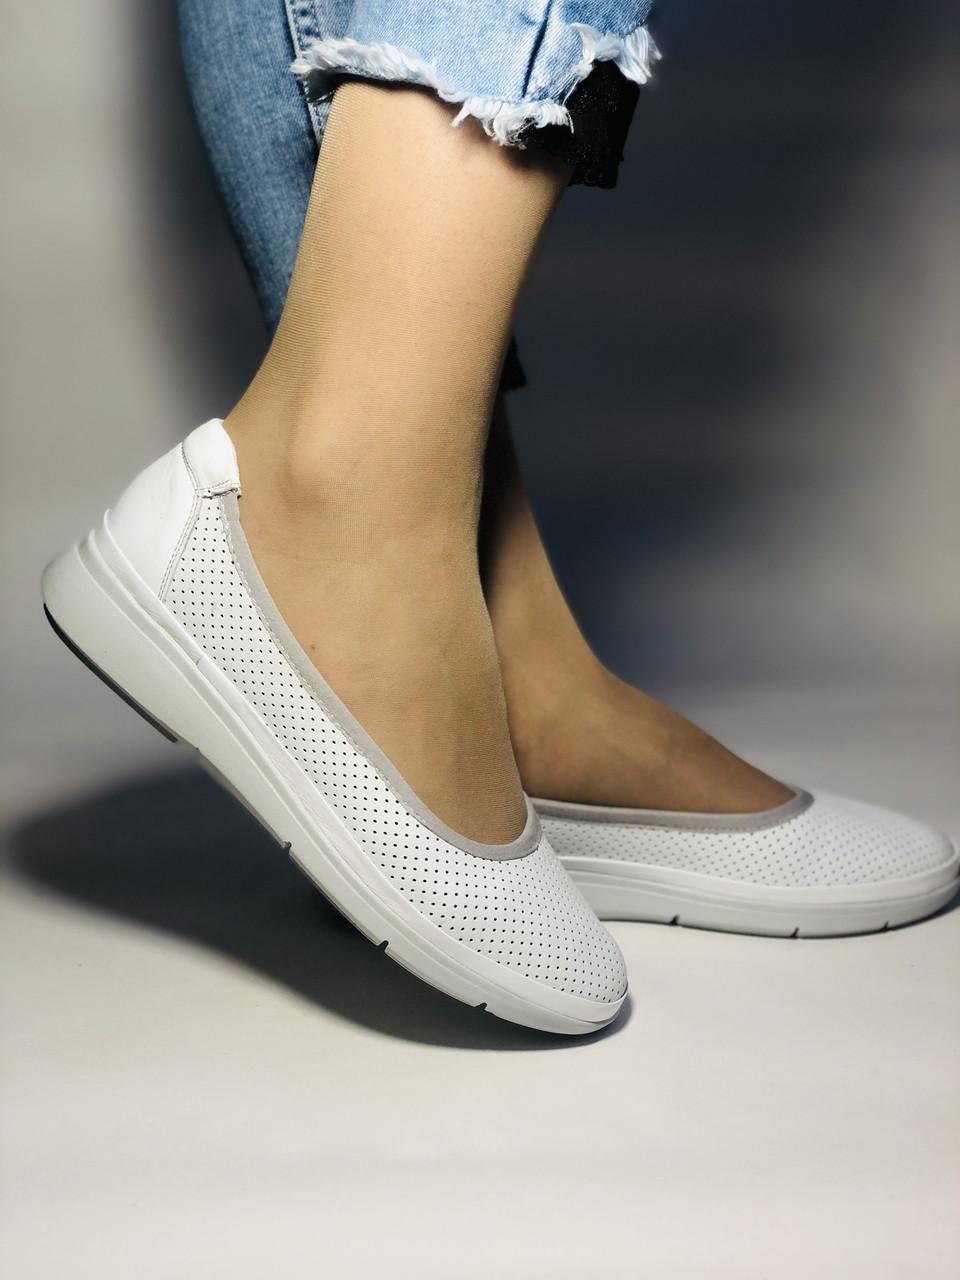 Женские туфли -балетки с перфорацией на утолщенной подошве. Натуральная кожа. Размер 36,37,38,39,40,41.Vellena